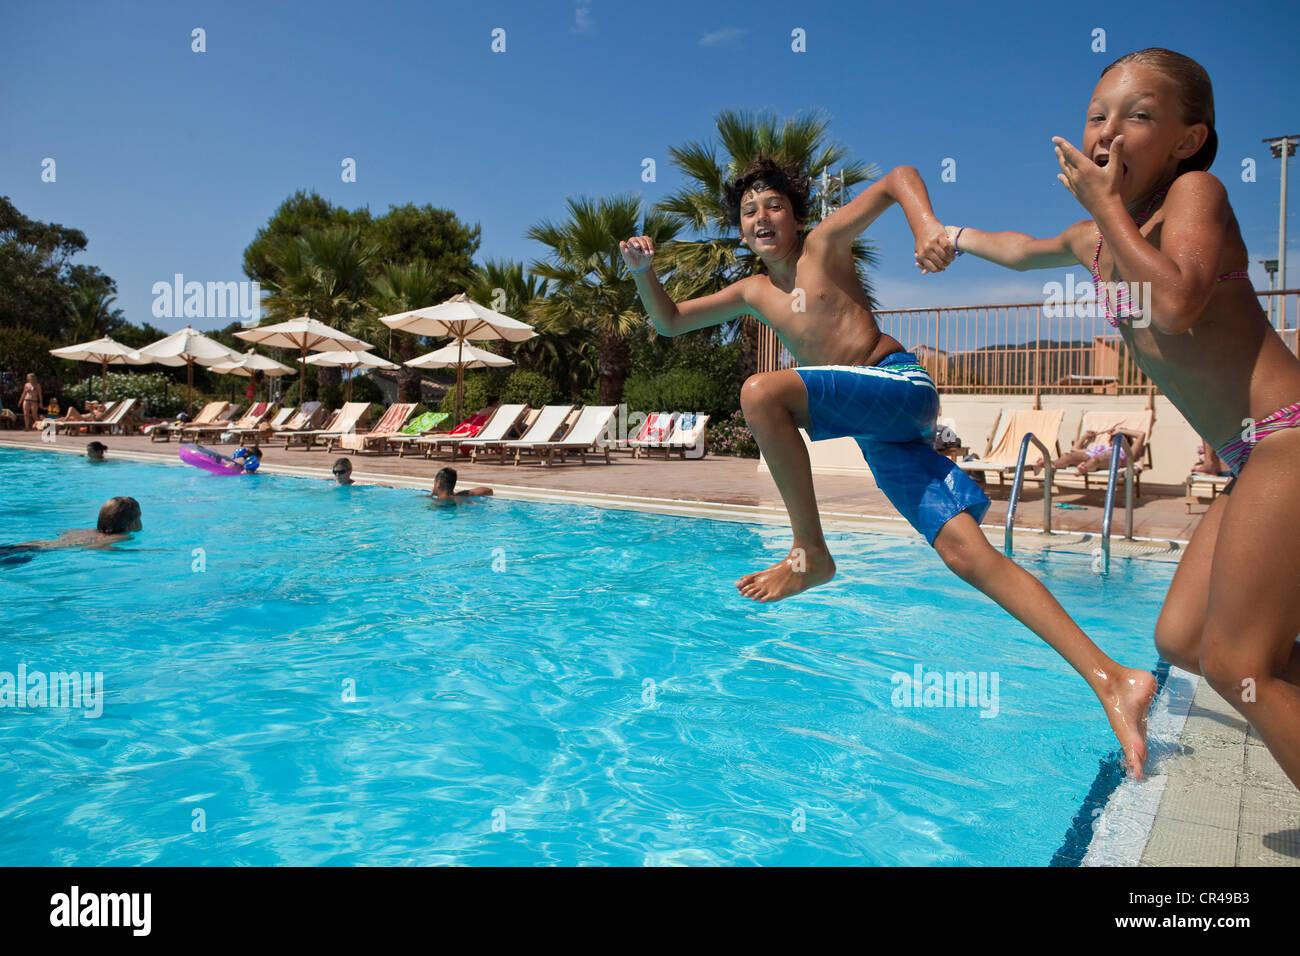 Francia, Corse du Sud, bambini il salto in piscina Immagini Stock